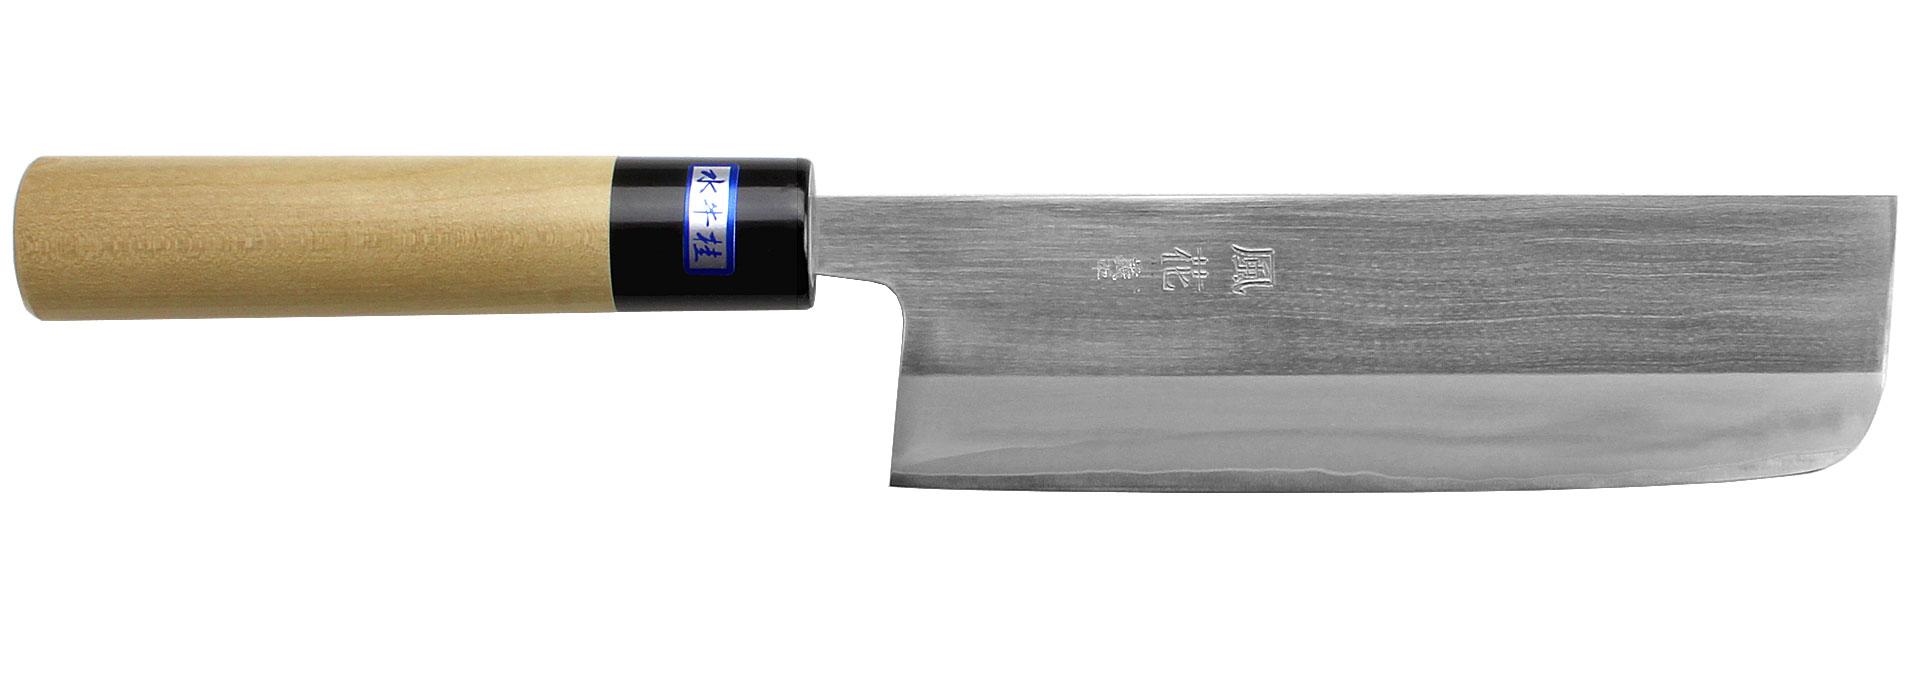 Japanische Küchenmesser aus pulvermetallurgischem Stahl | {Küchenmesser 71}